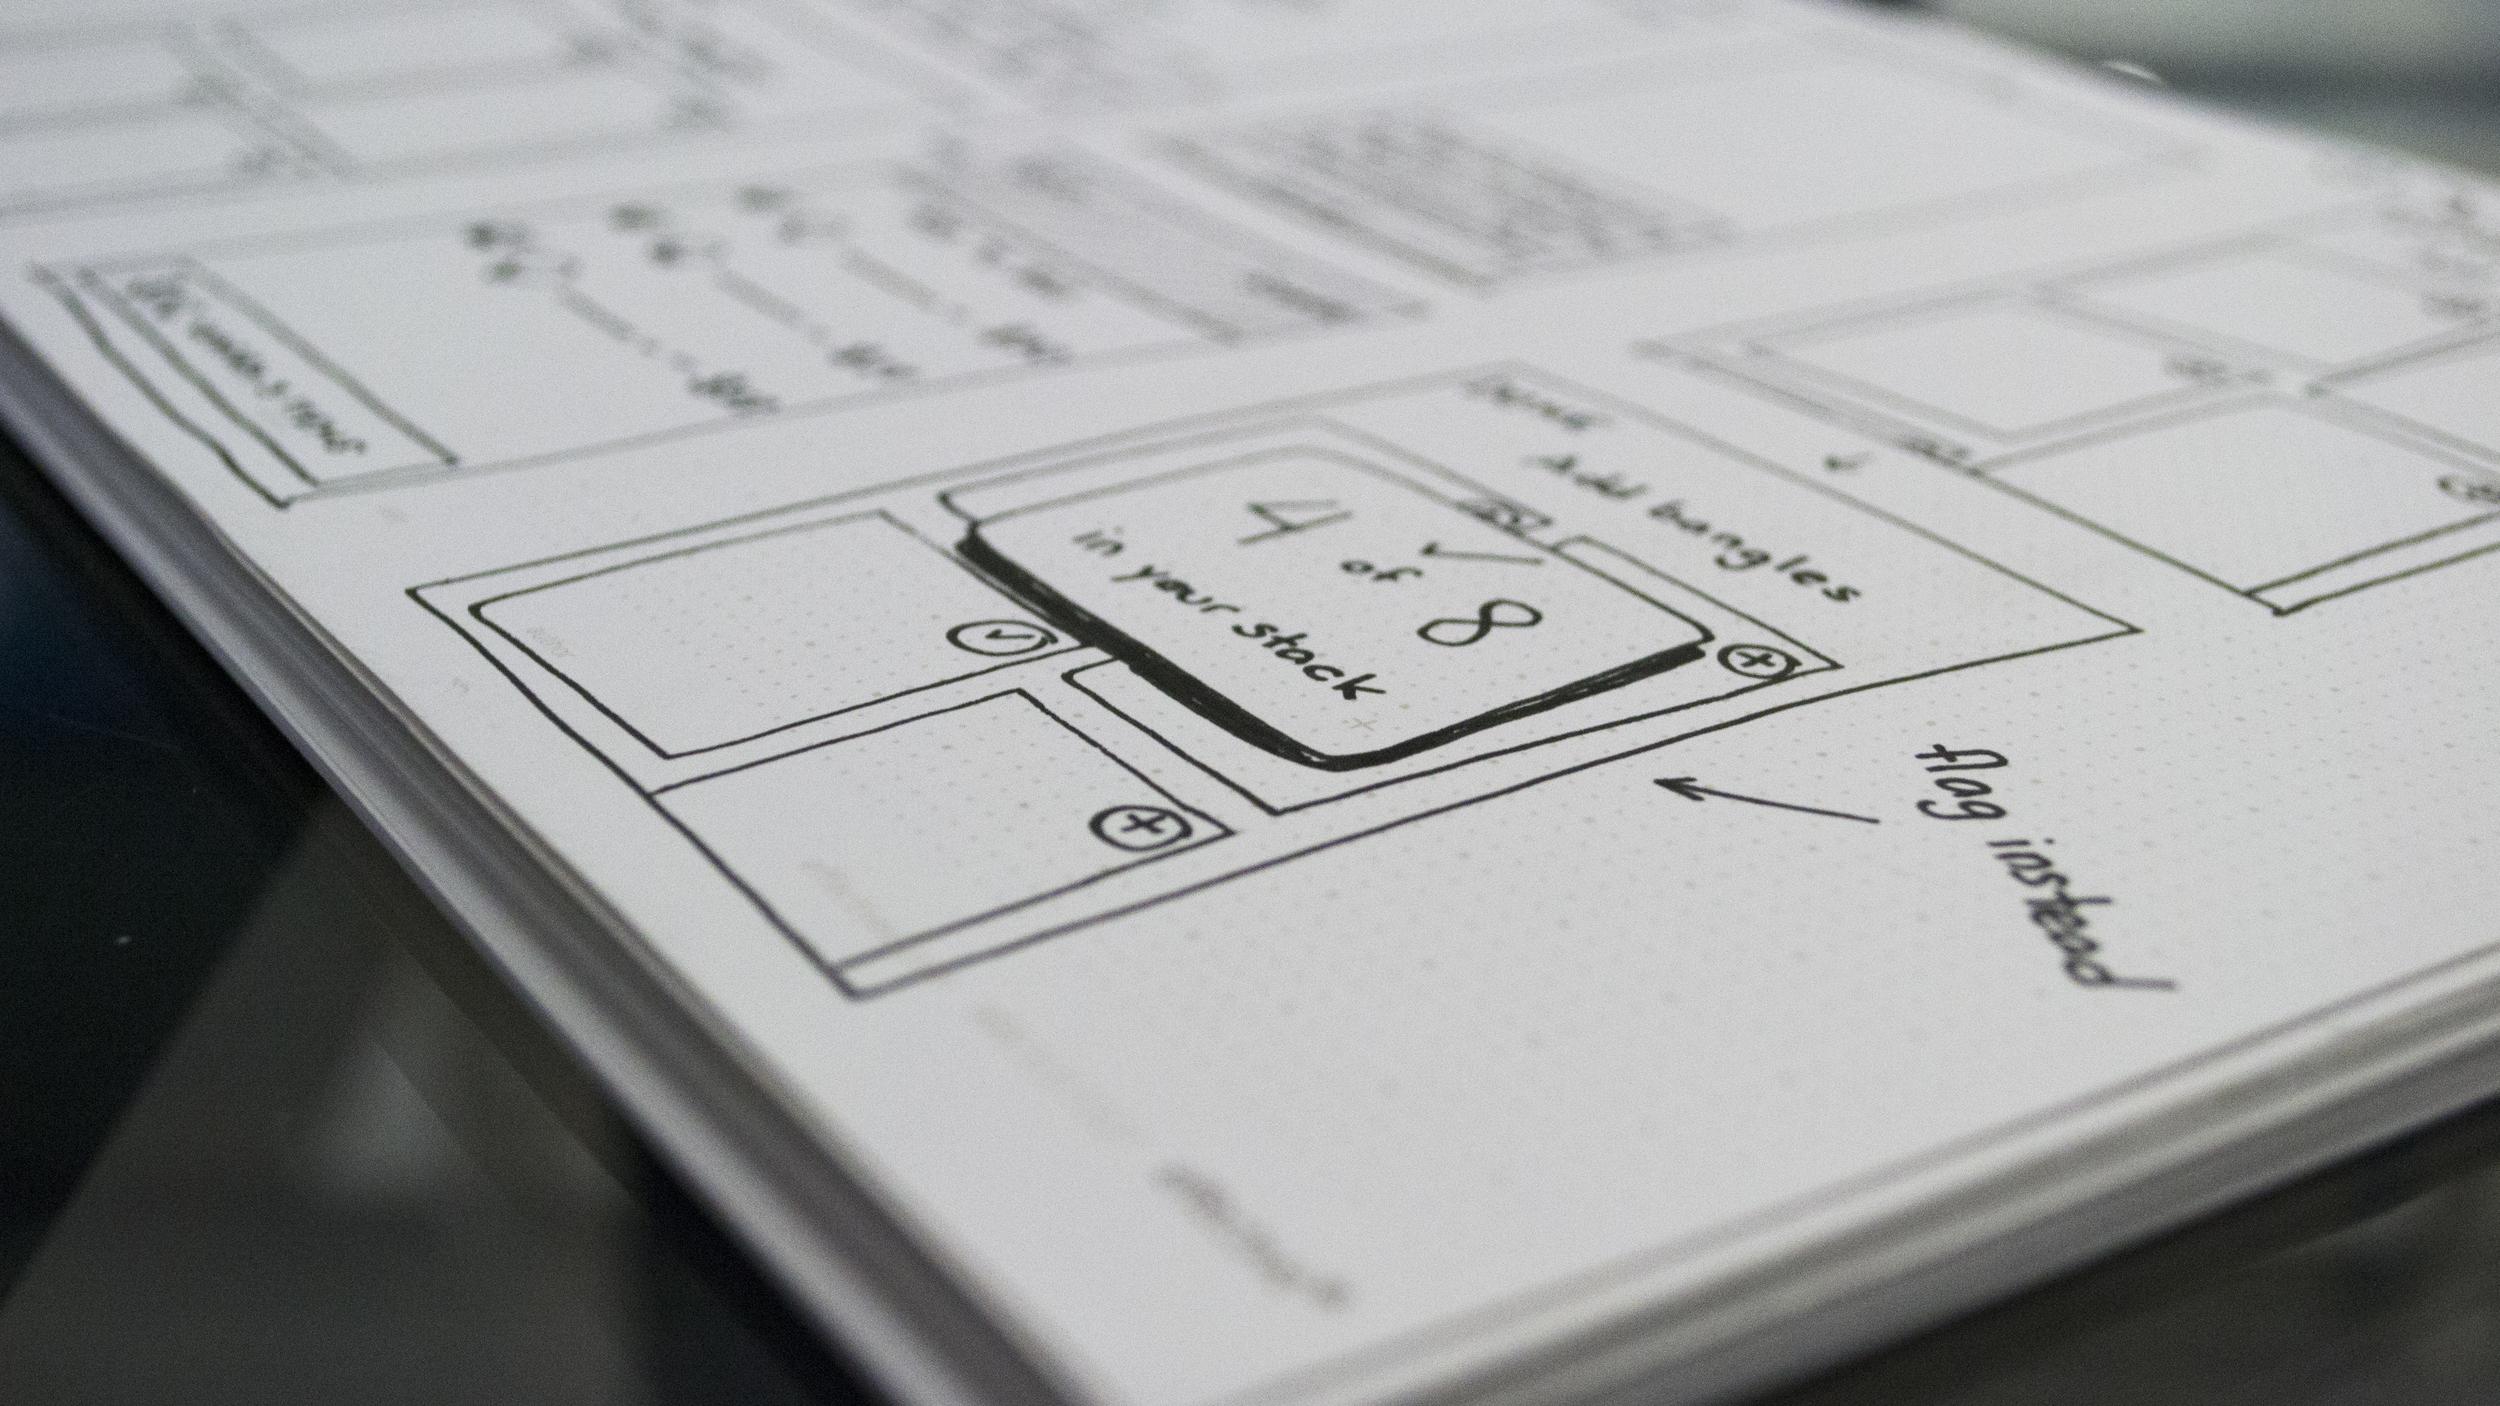 Low-fi sketch wireframes